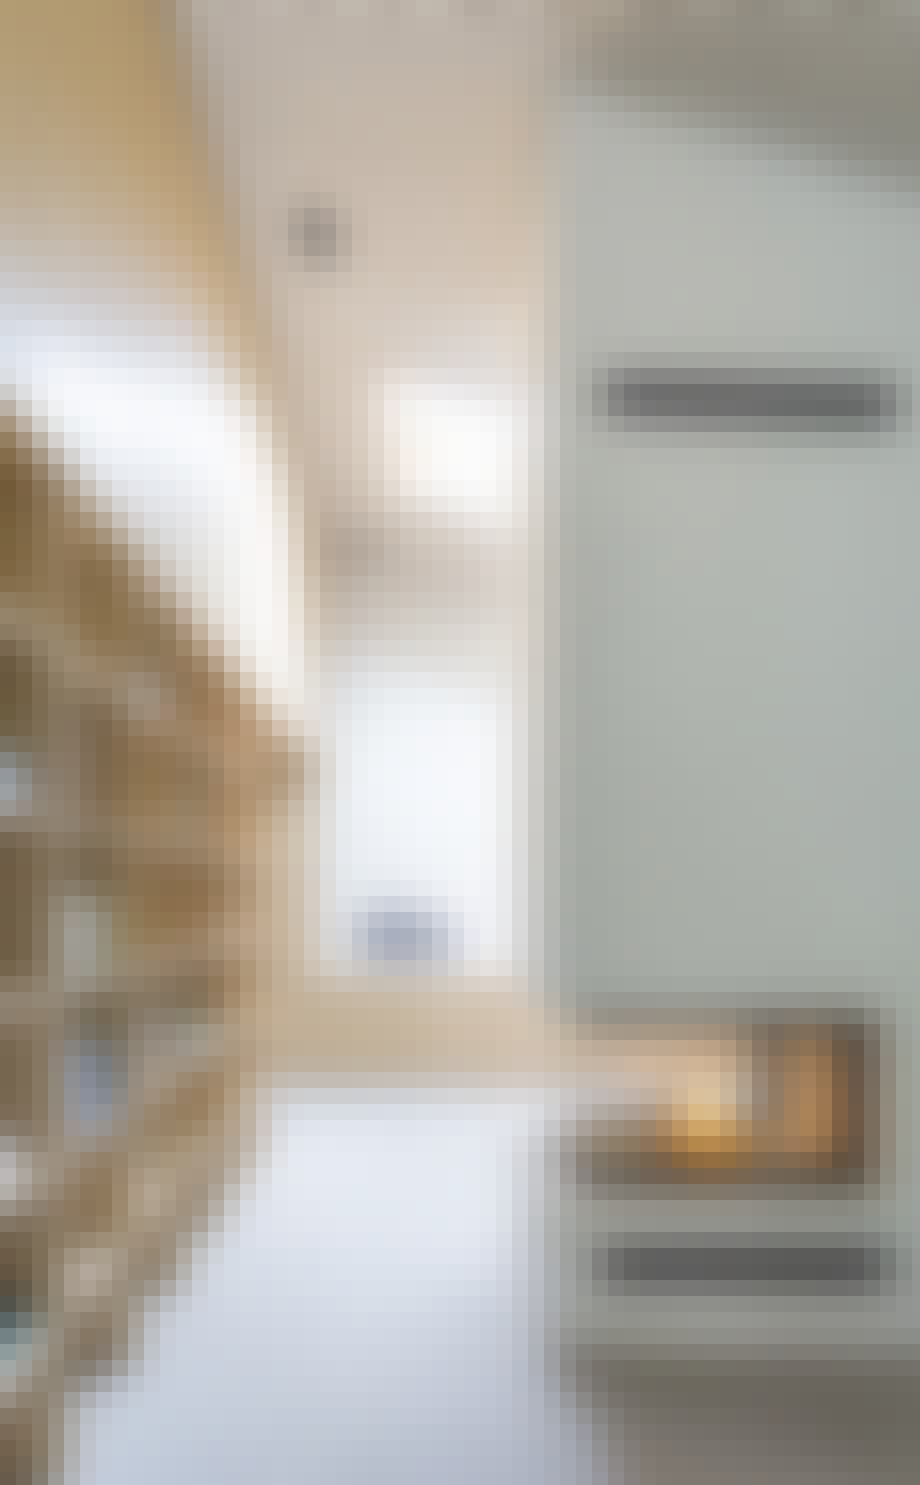 danske boligarkitekter arkitektur ombygning pejs stue kontor